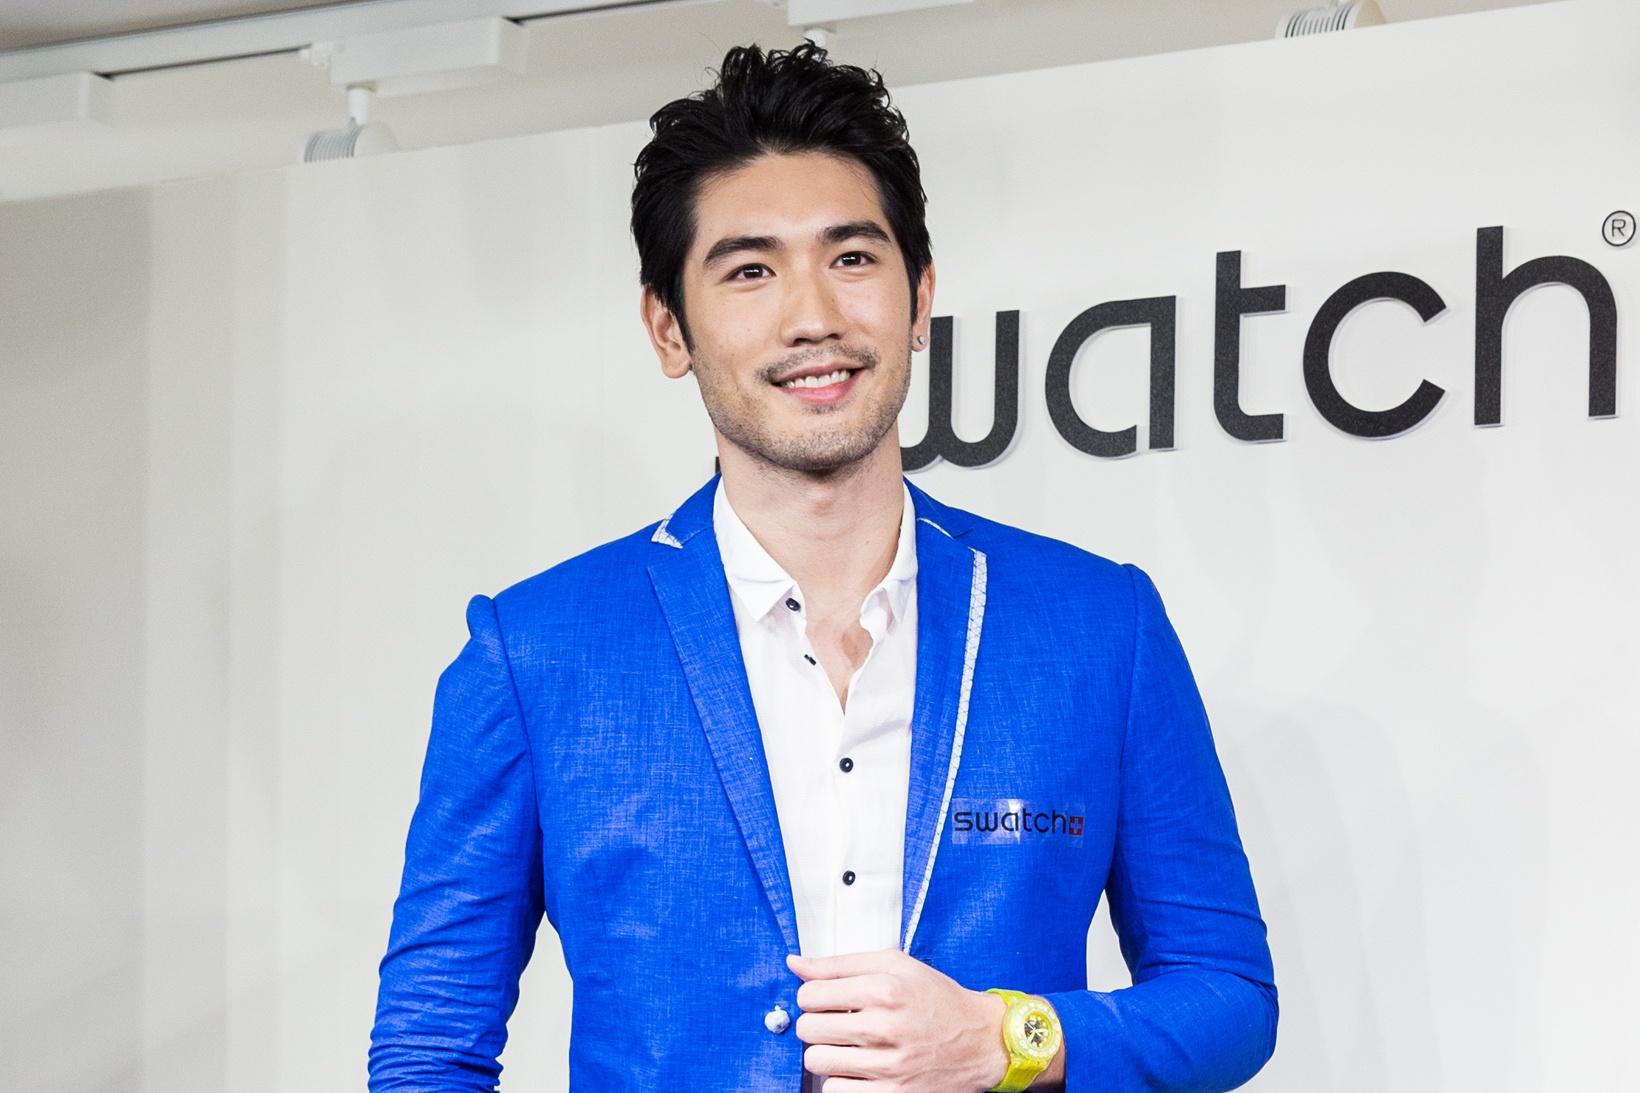 男星高以翔11月27日在中國錄製綜藝節目時意外身亡,其棺木已運回台灣。(大紀元資料)